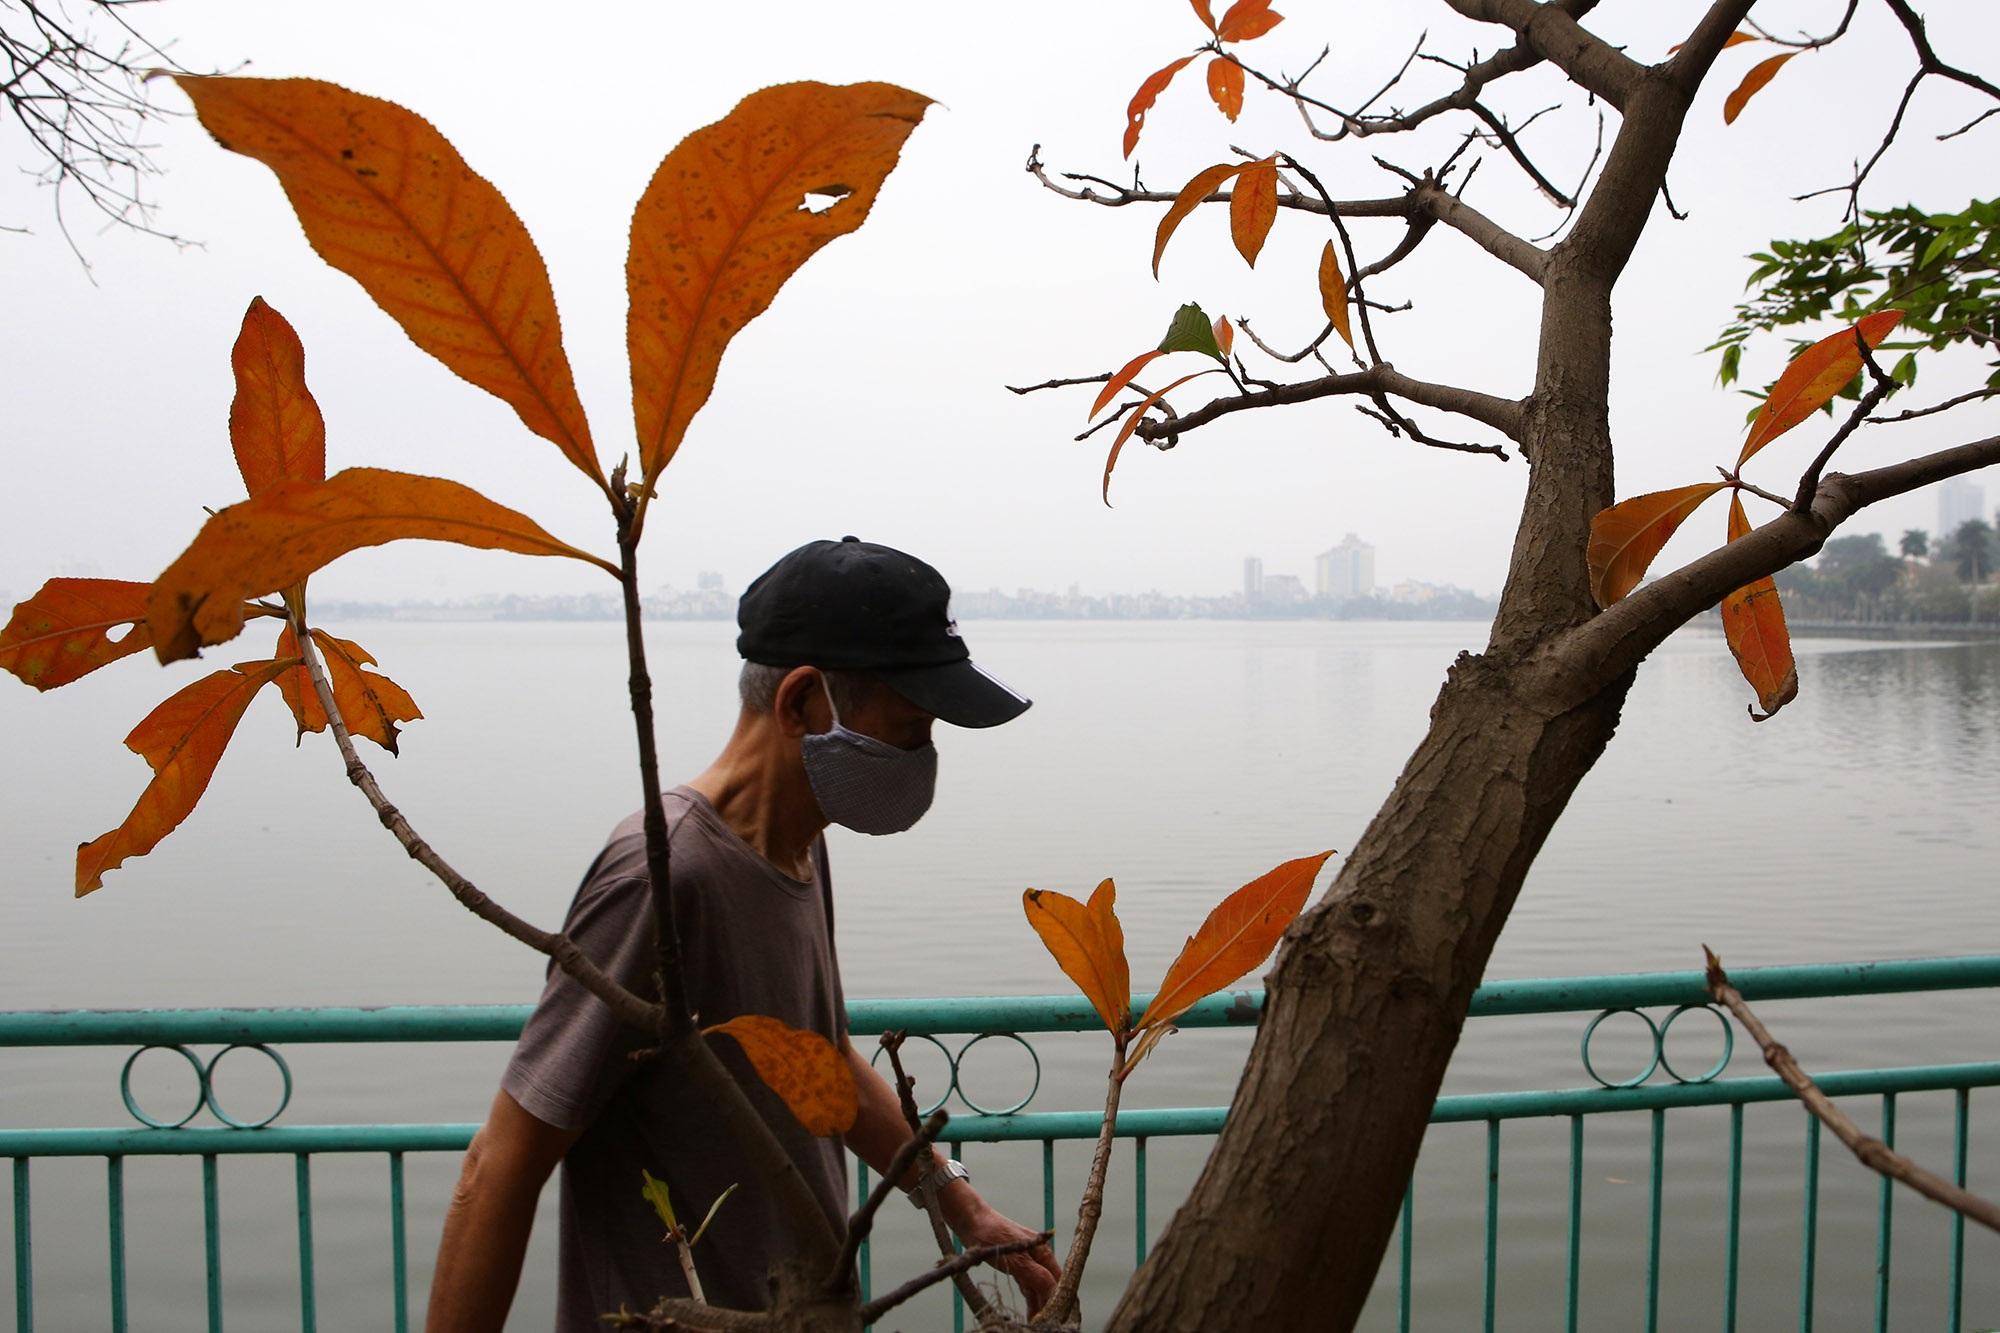 Hà Nội: Ngắm hồ Tây đẹp lãng mạn vào mùa cây thay lá - 7